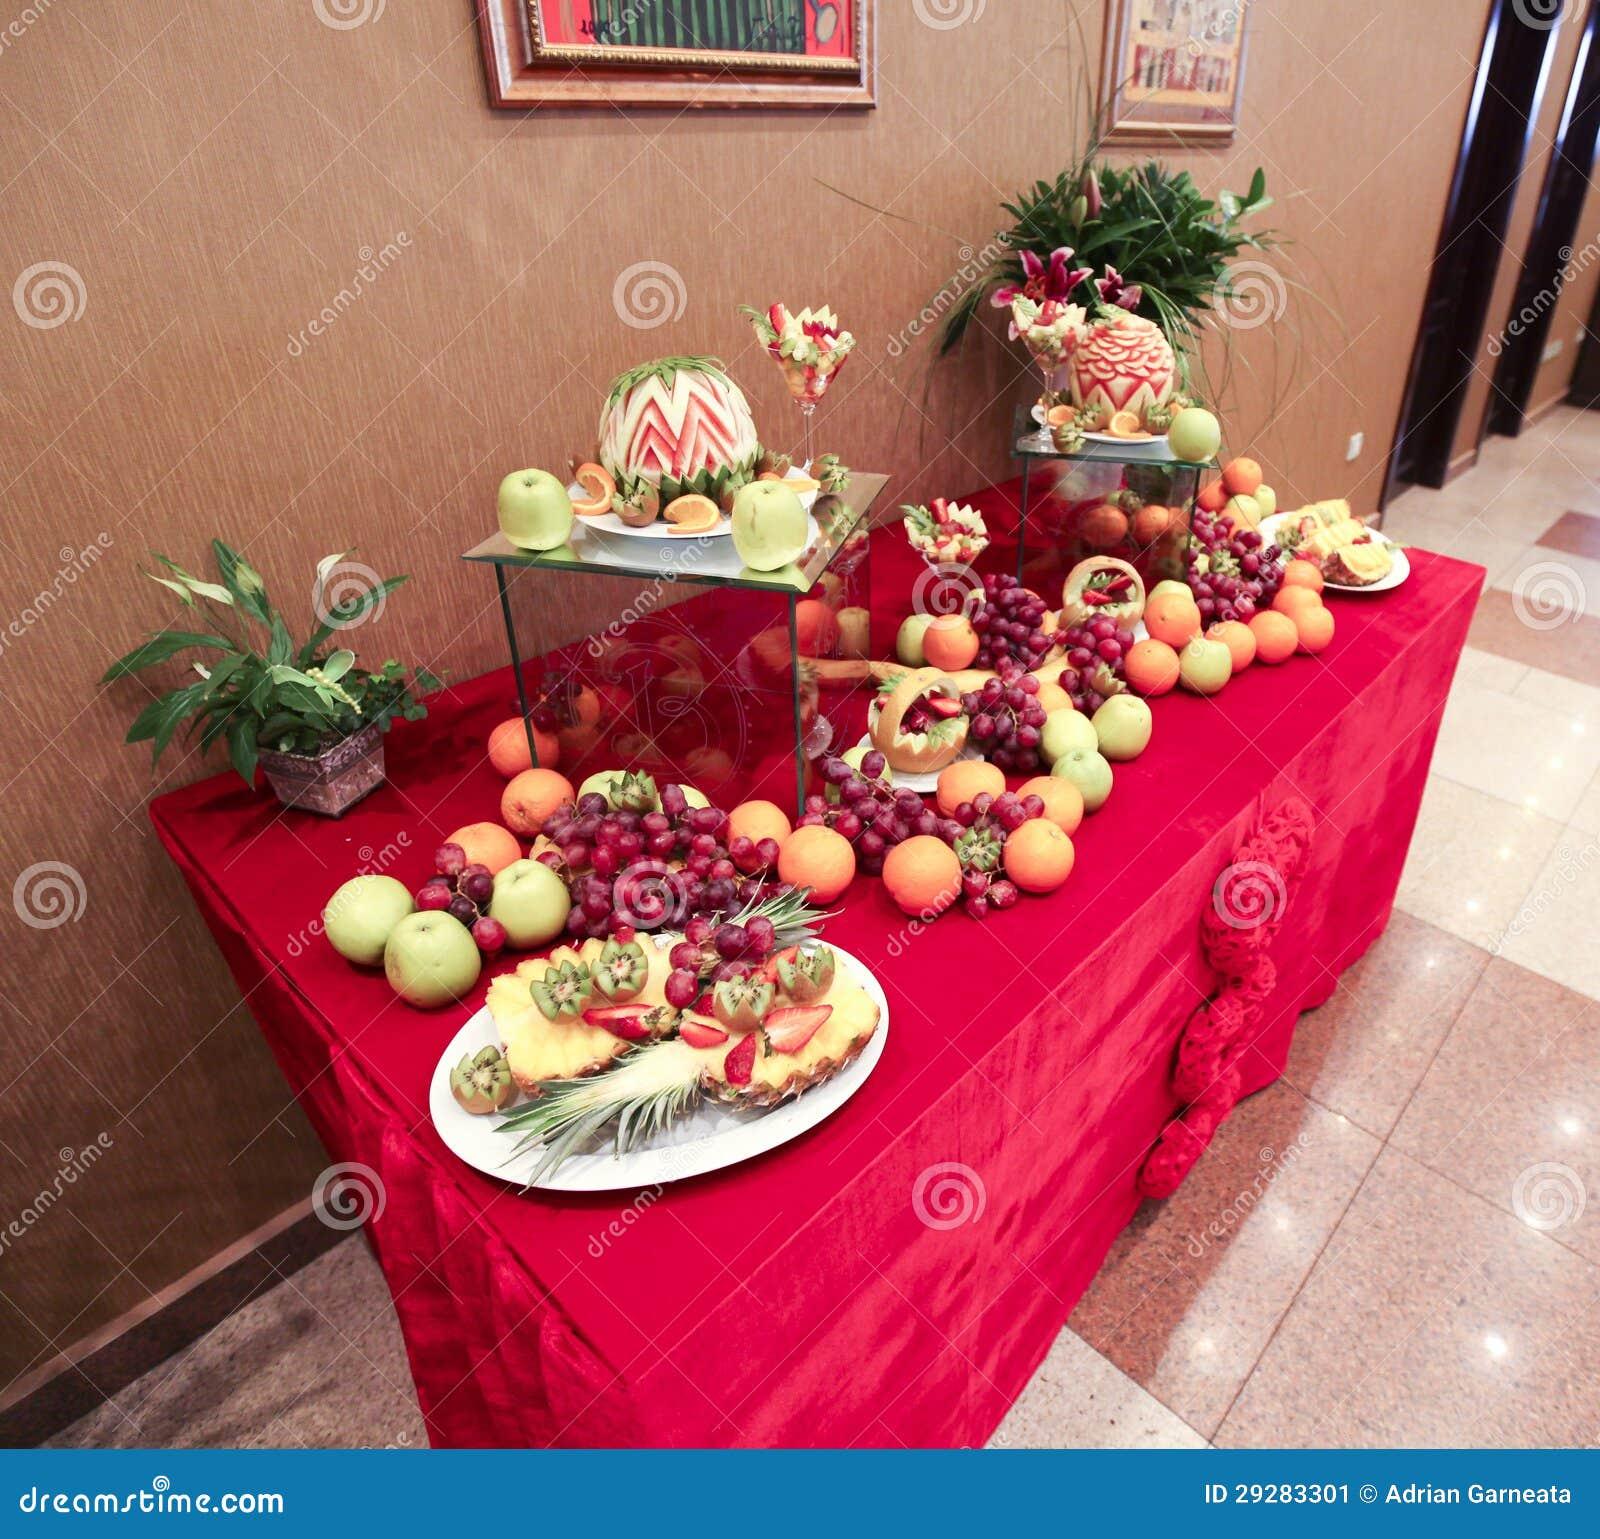 d coration de table de mariage avec des fruits image stock image 29283301. Black Bedroom Furniture Sets. Home Design Ideas